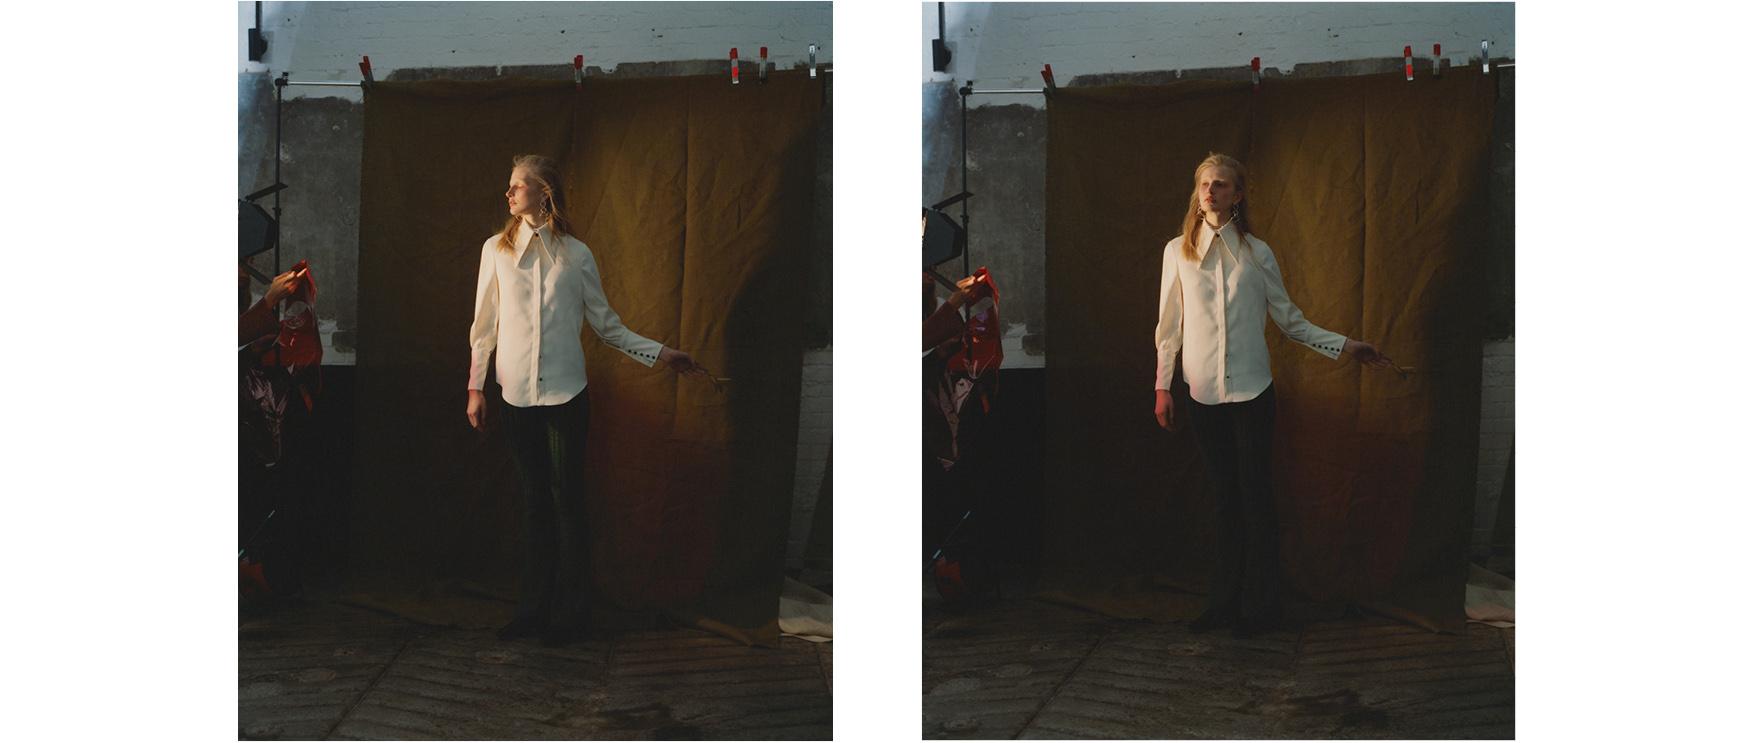 Lissome-Jack-Johnstone-Sustainable-Fashion11.jpg